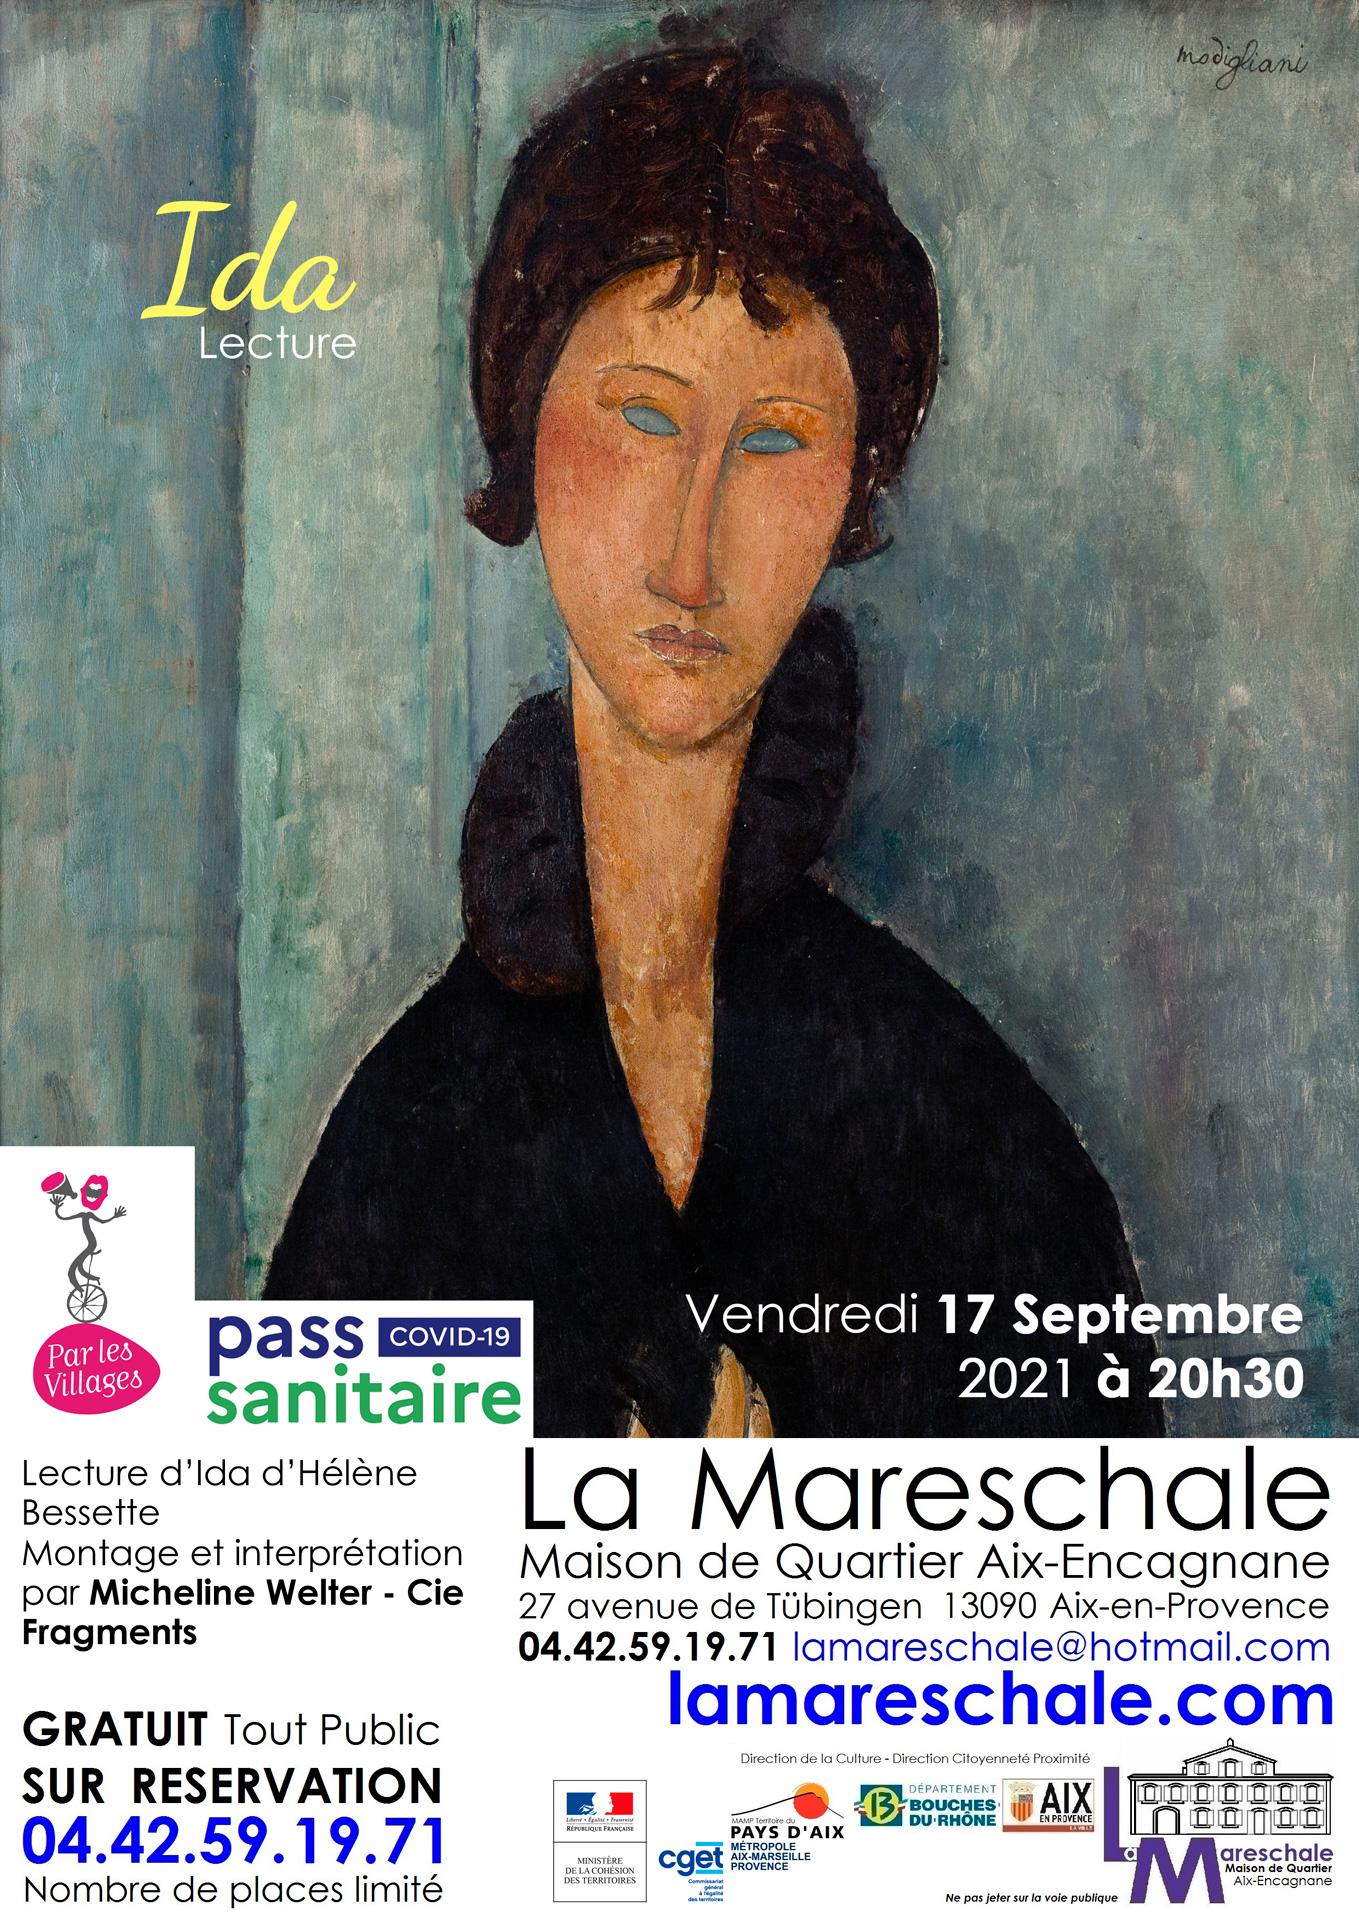 Ida-par-les-villages-17septembre2021